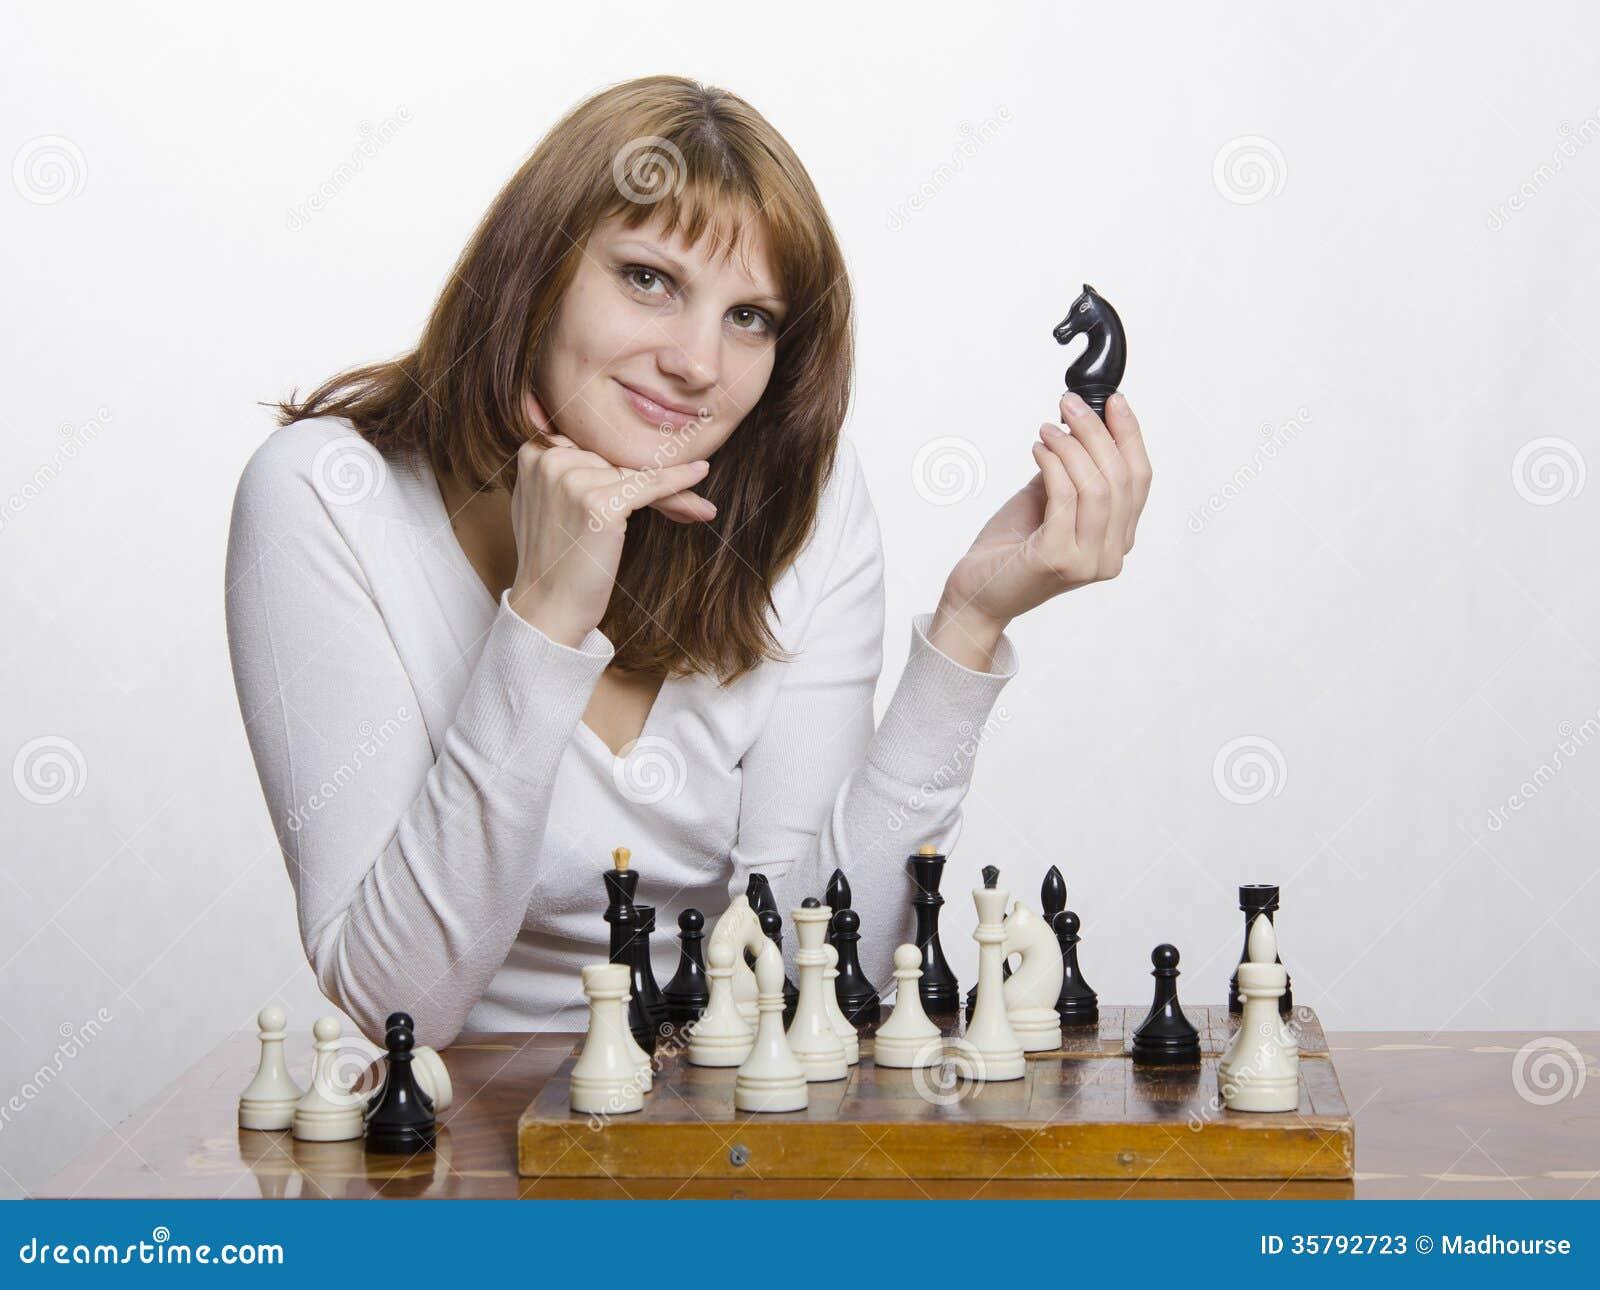 Una chica joven con una figura de un caballo, en el tablero de ajedrez